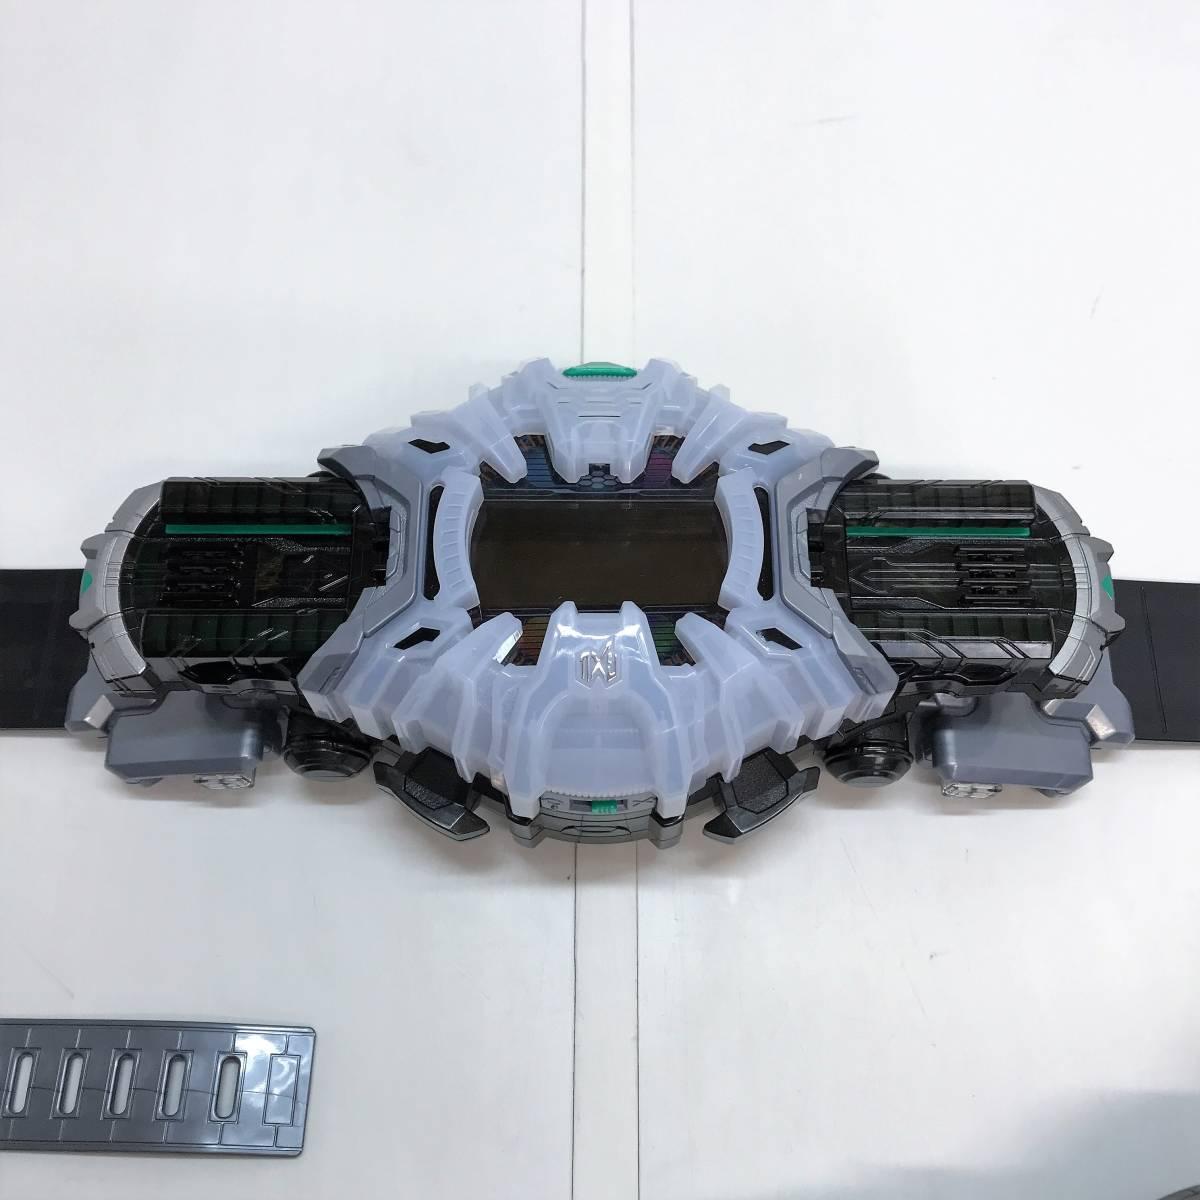 仮面ライダー ジオウ DX ジクウドライバー ジカンギレード ディケイド ライドウォッチ 変身ベルト 武器 なりきり まとめて 多数 大量セット_画像2